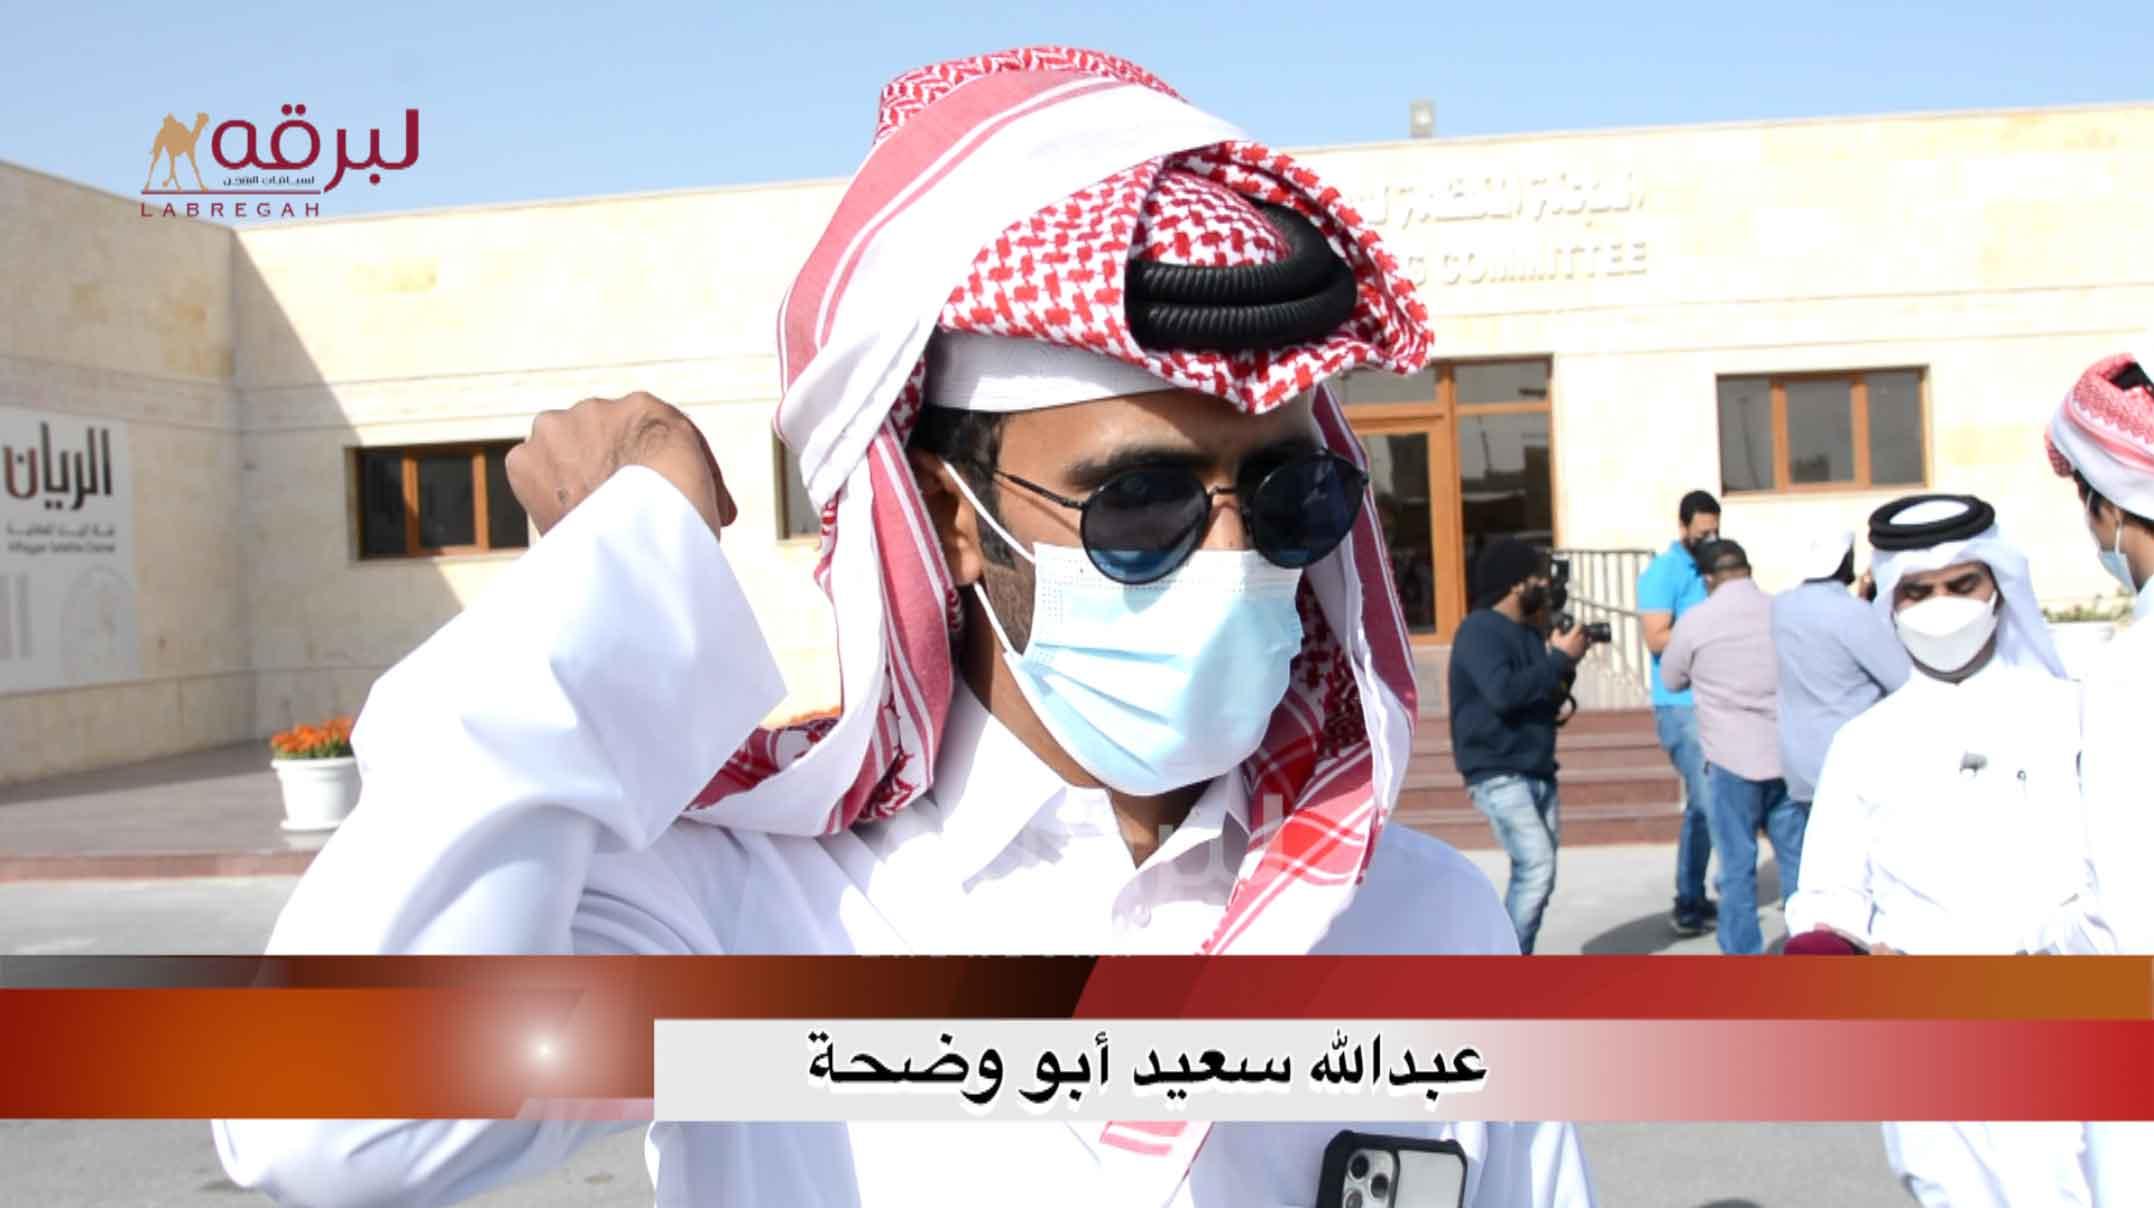 لقاء مع عبدالله سعيد أبو وضحة.. الخنجر الفضية حقايق قعدان « إنتاج » الأشواط العامة  ٢١-٣-٢٠٢١